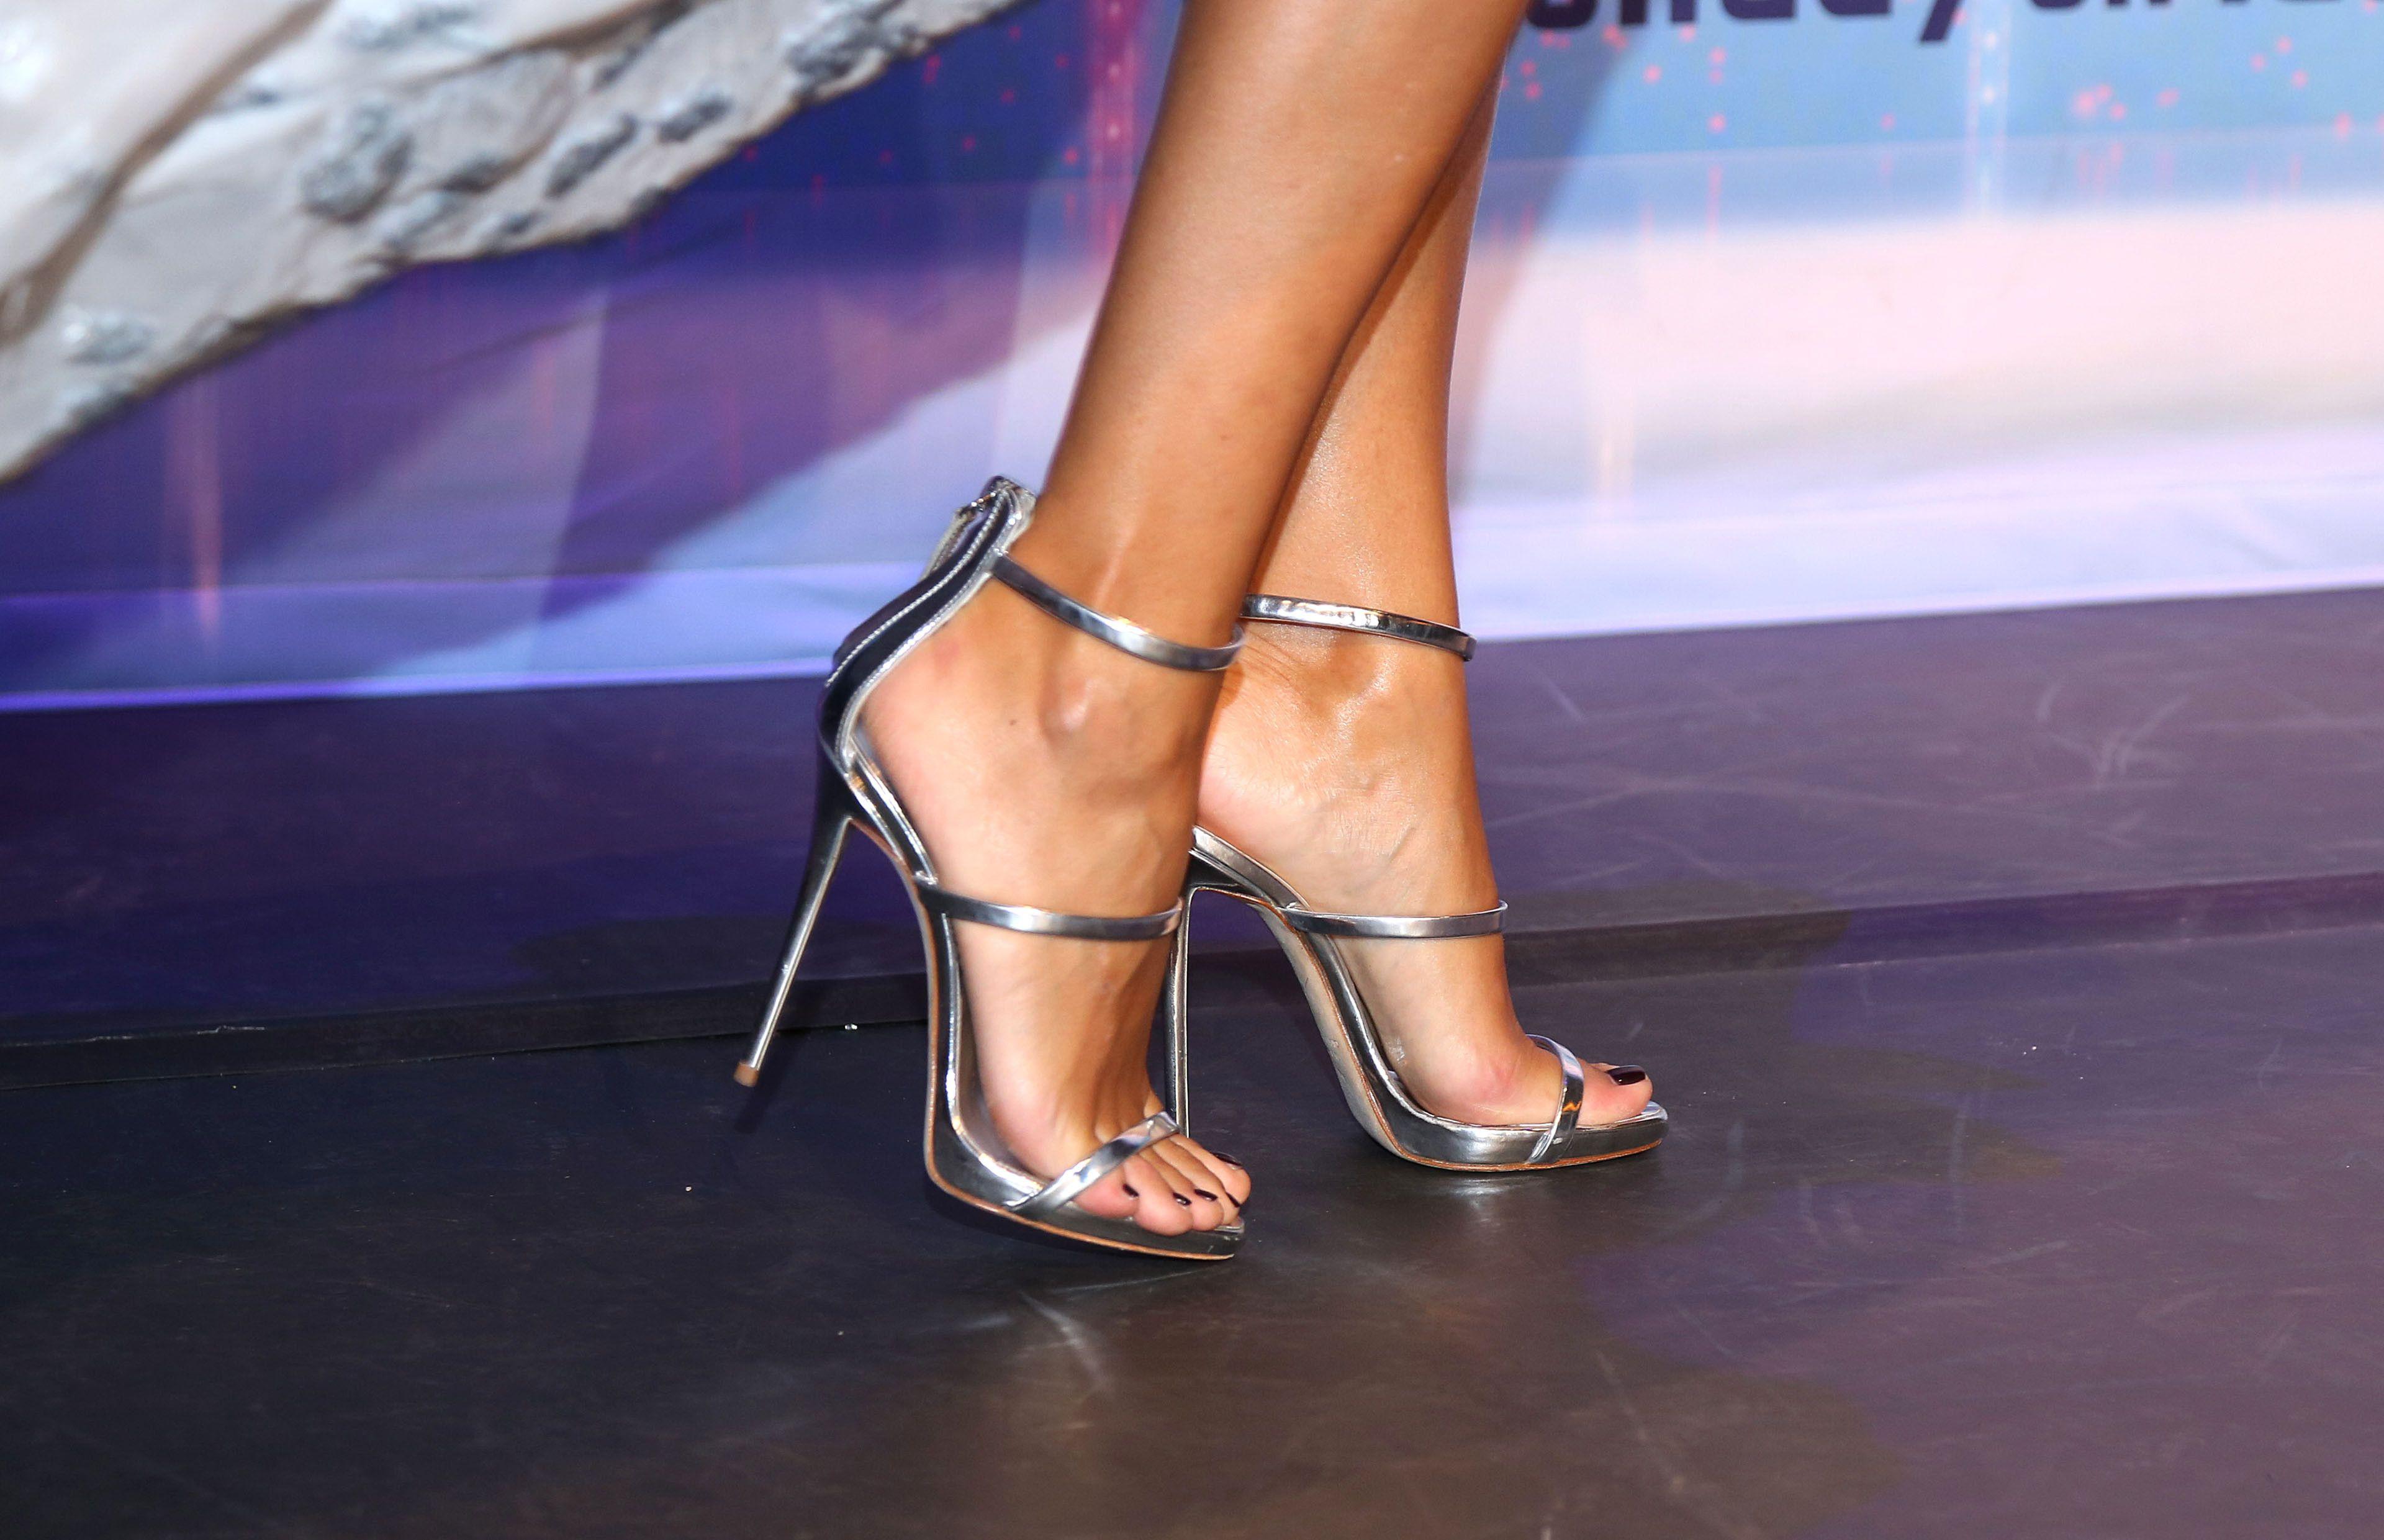 Sylvie Meiss Feet